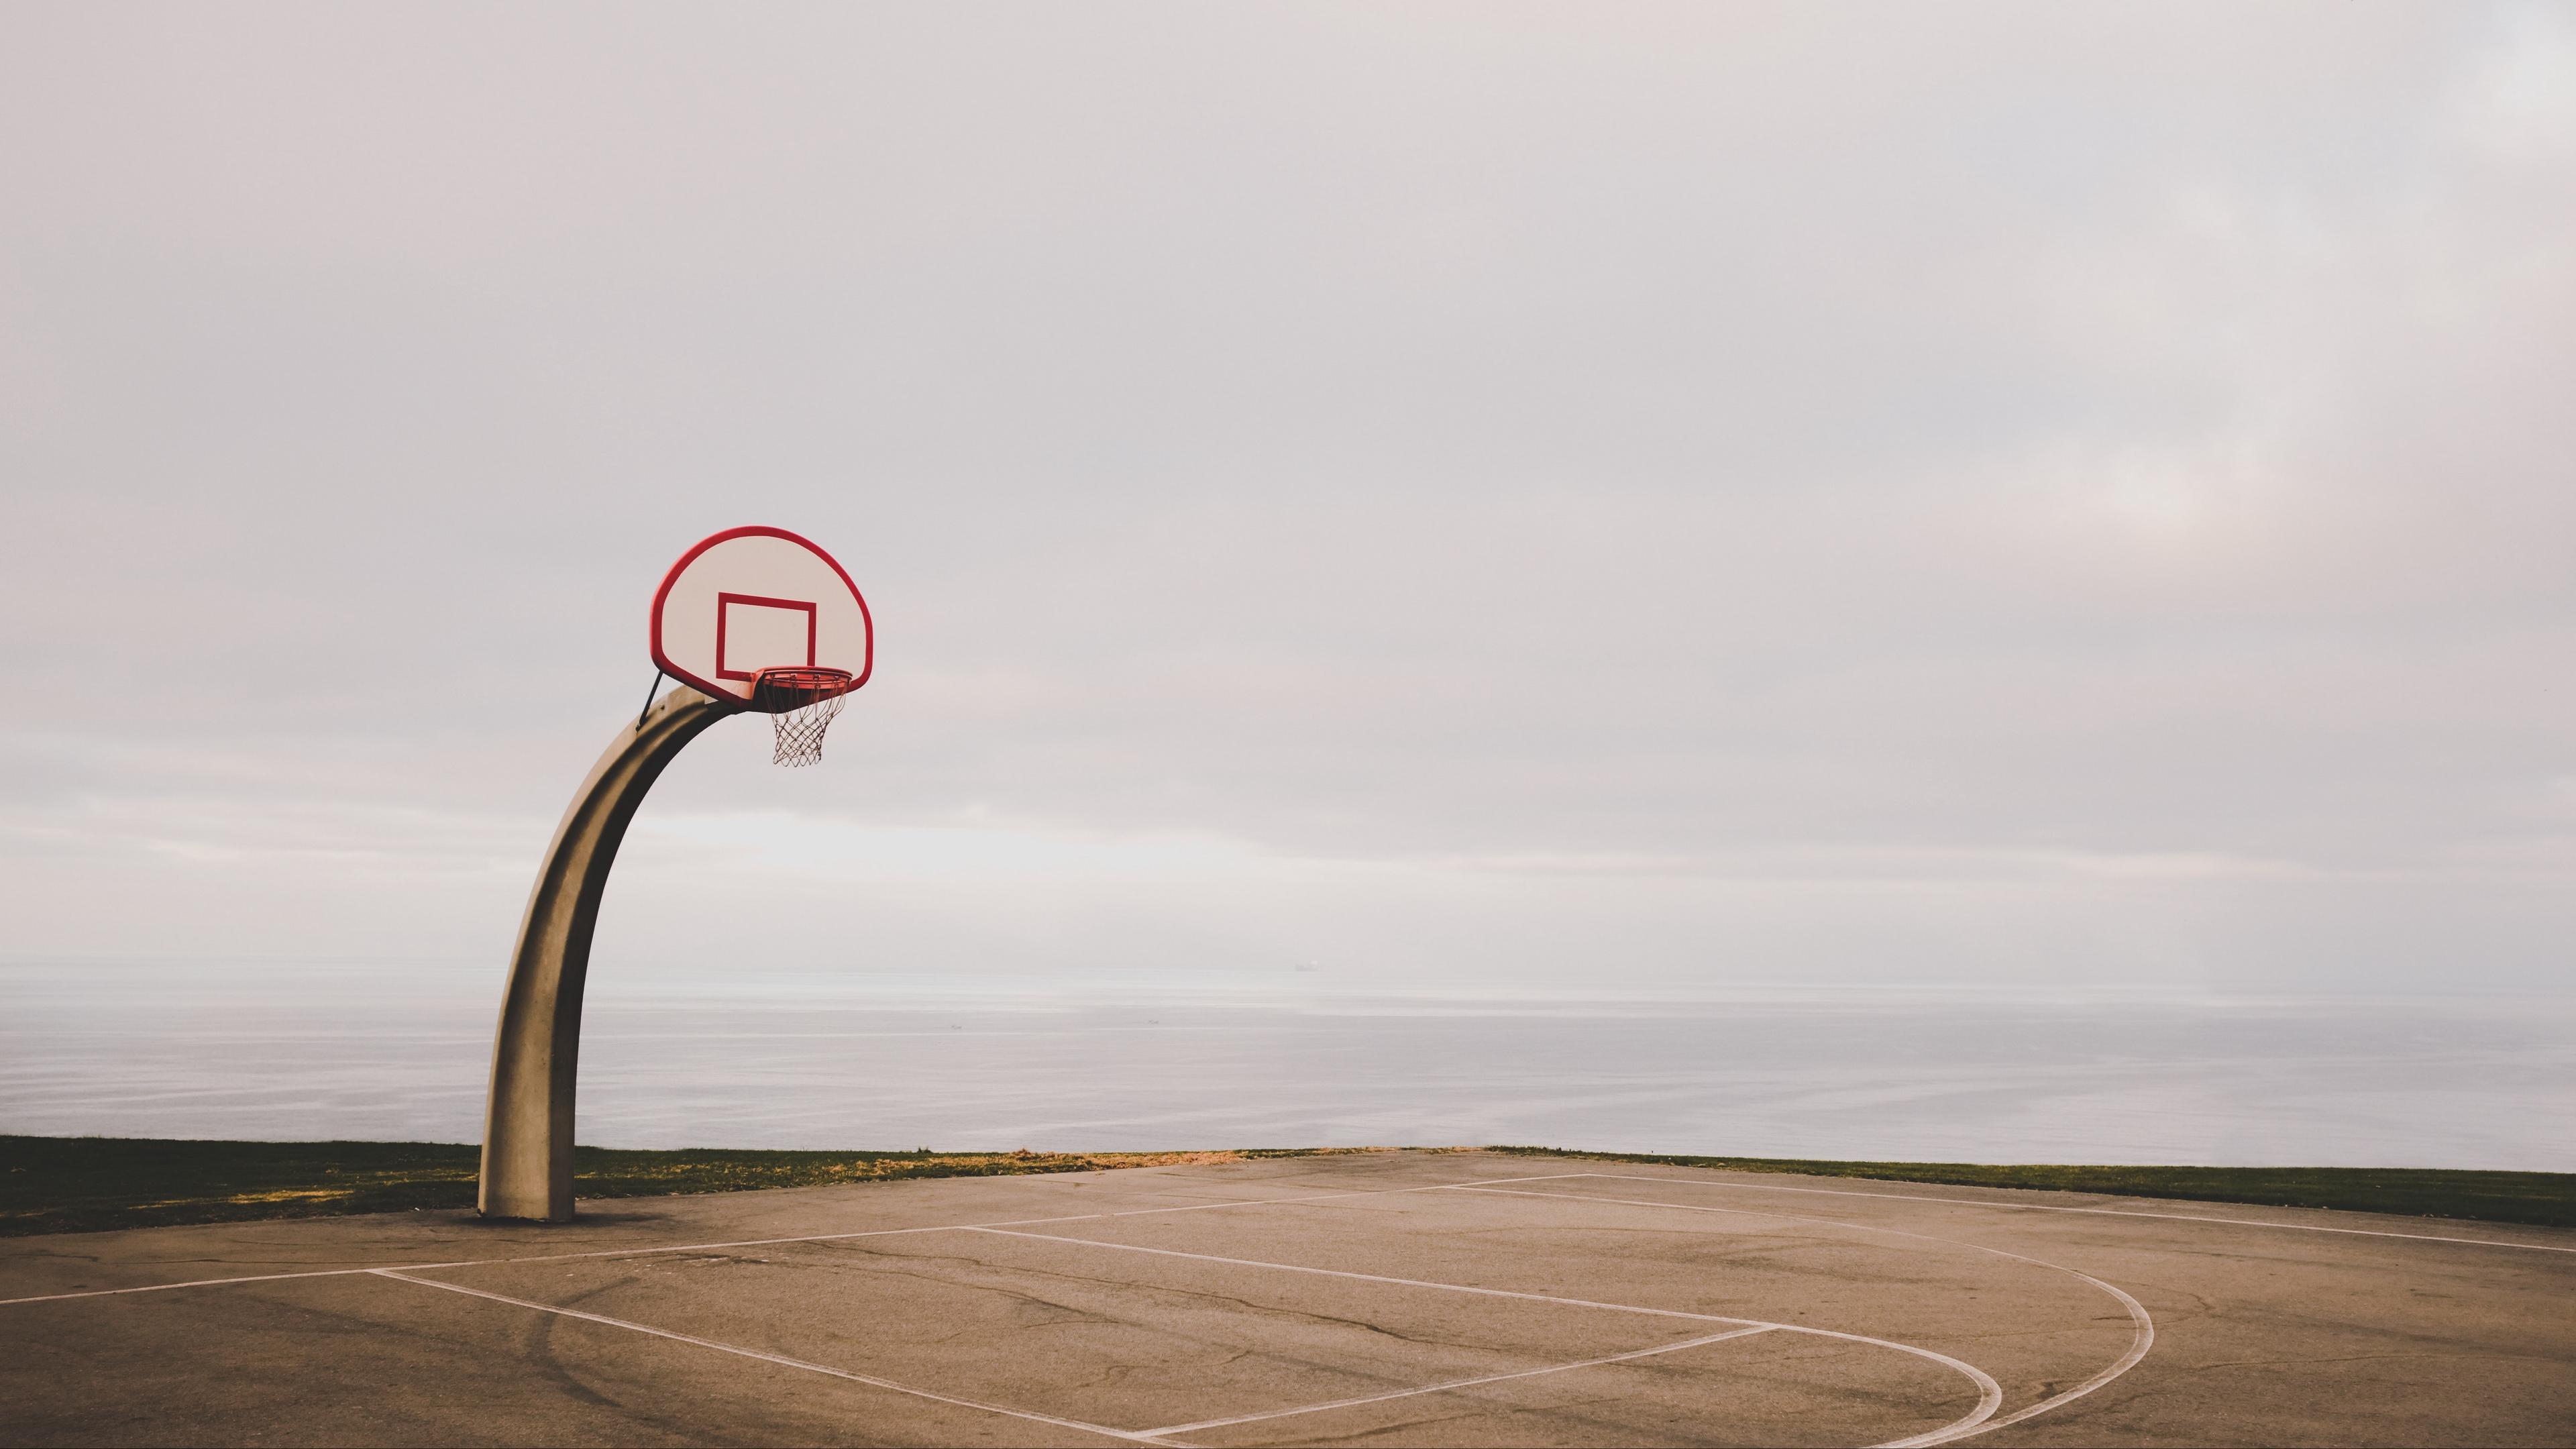 basketball ring mesh 4k 1540062209 - basketball, ring, mesh 4k - Ring, mesh, Basketball